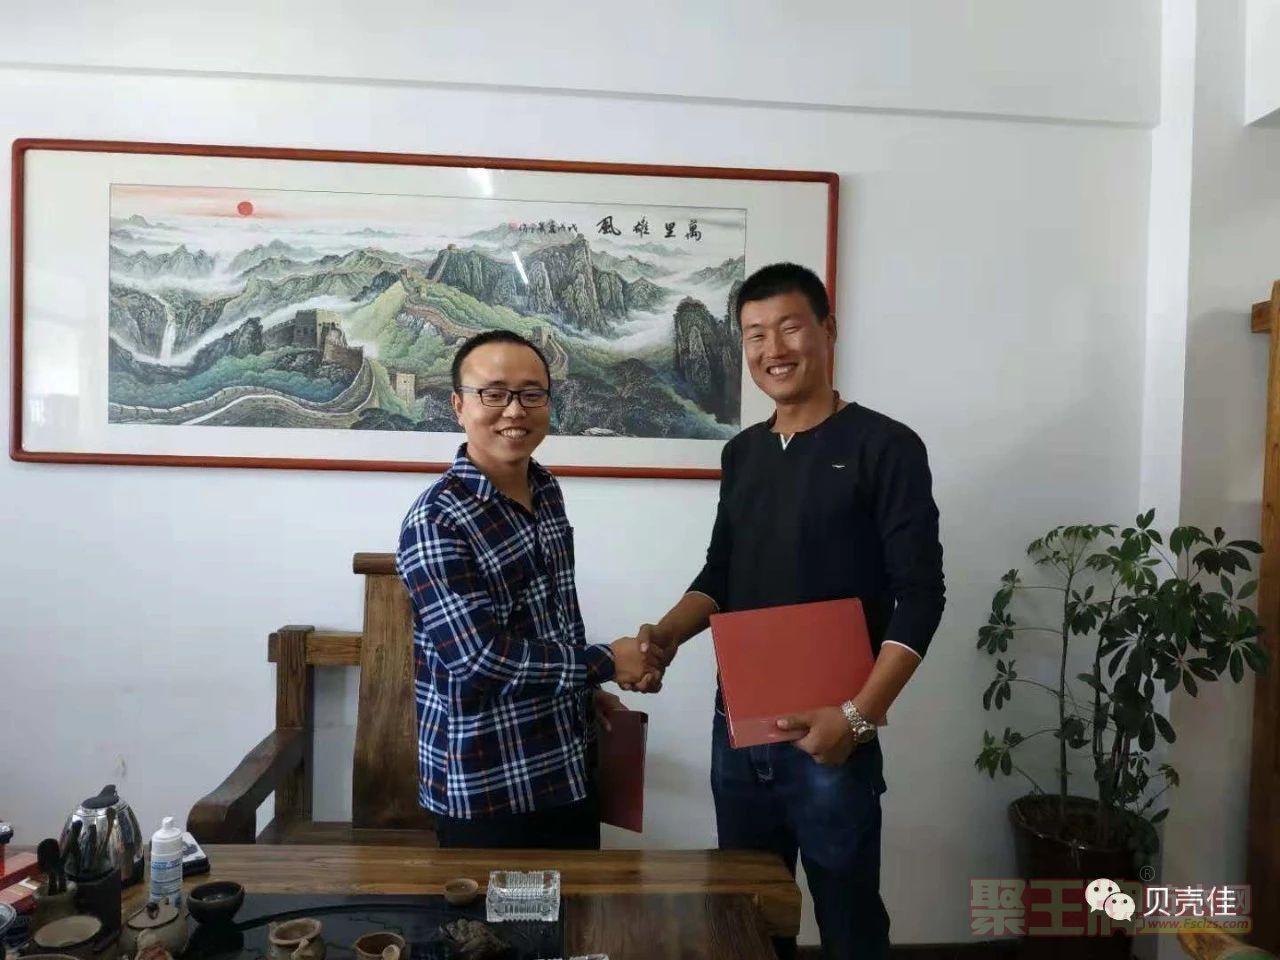 王牌喜报:祝贺莱西市邢帅帅先生成功加盟贝壳防水